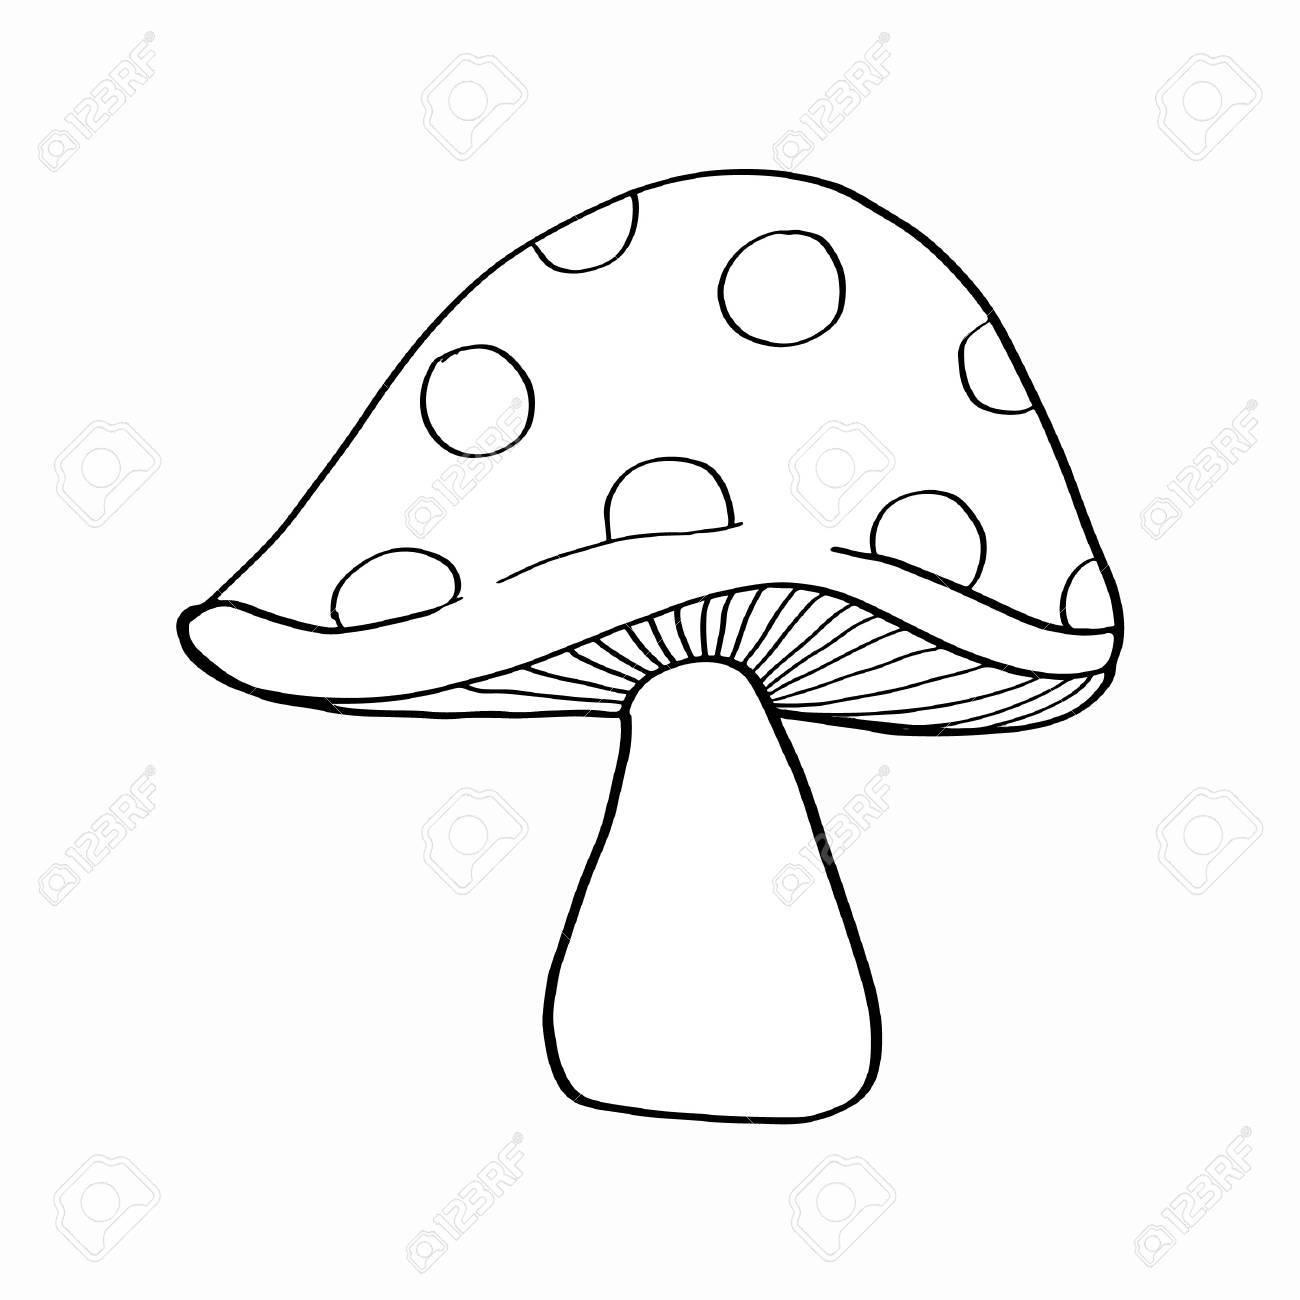 8 Pilze Zum Ausmalen - Besten Bilder von ausmalbilder